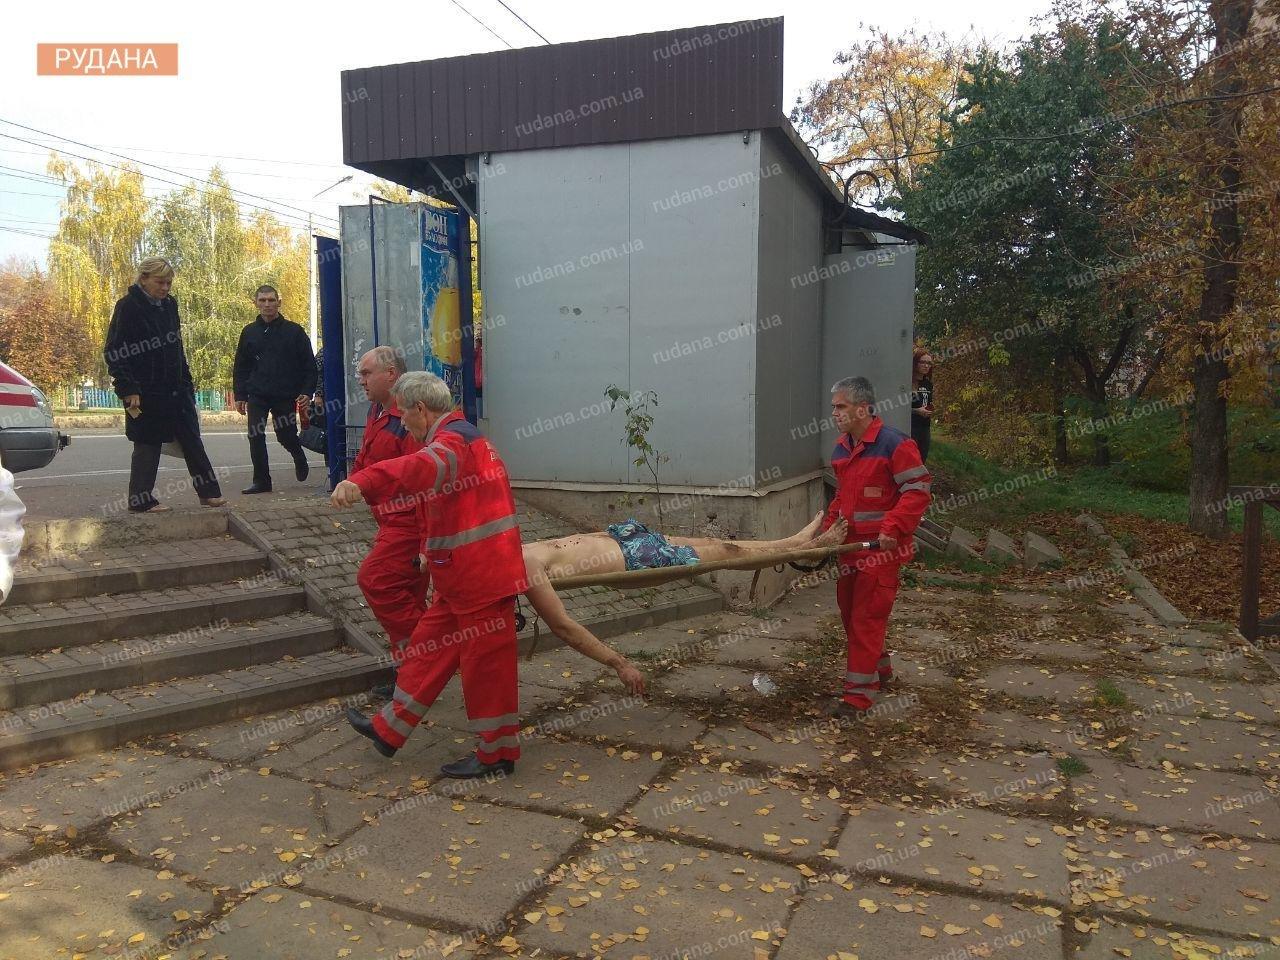 В Кривом Роге обнаженный мужчина выпал из окна, - ФОТО 18+, фото-7